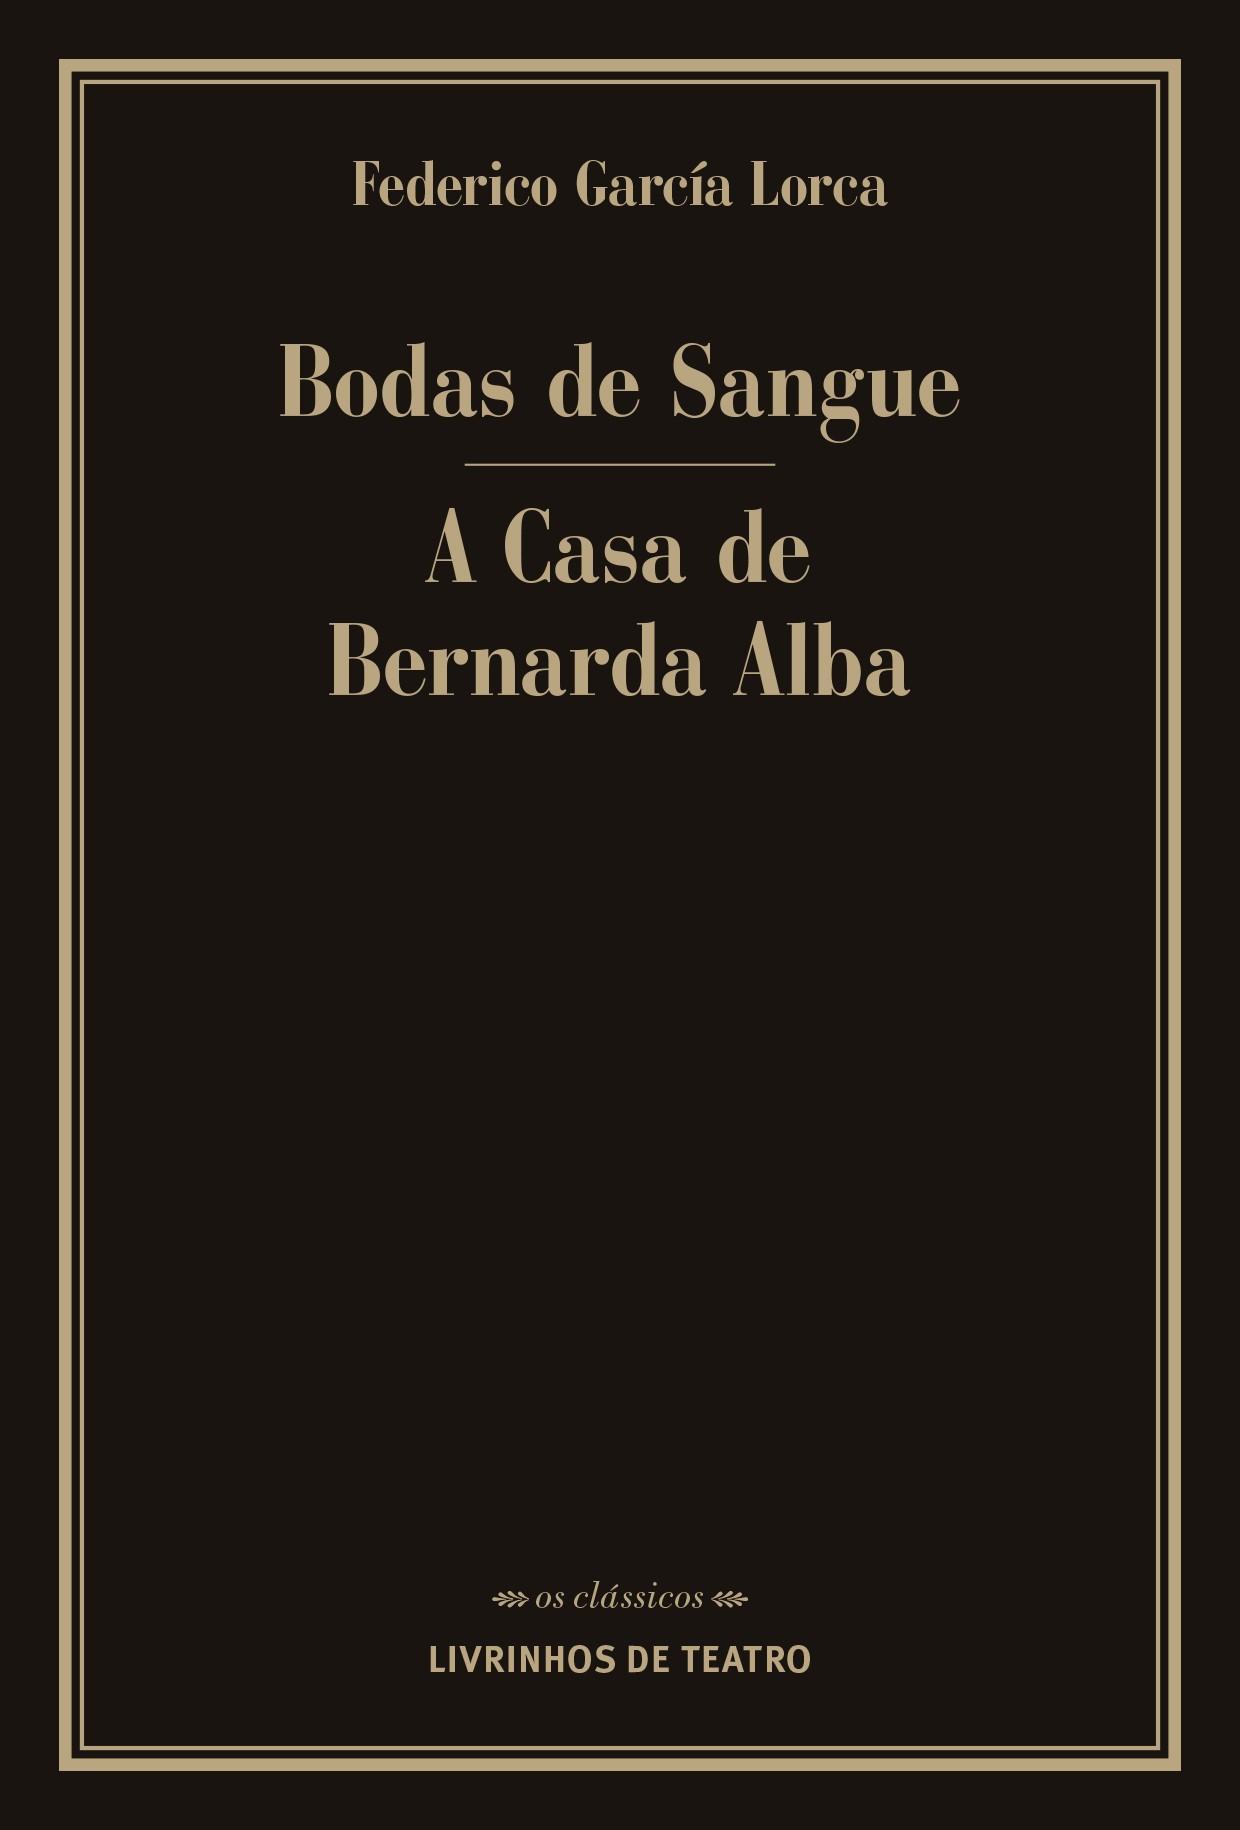 BODAS DE SANGUE / A CASA DE BERNARDA ALBA